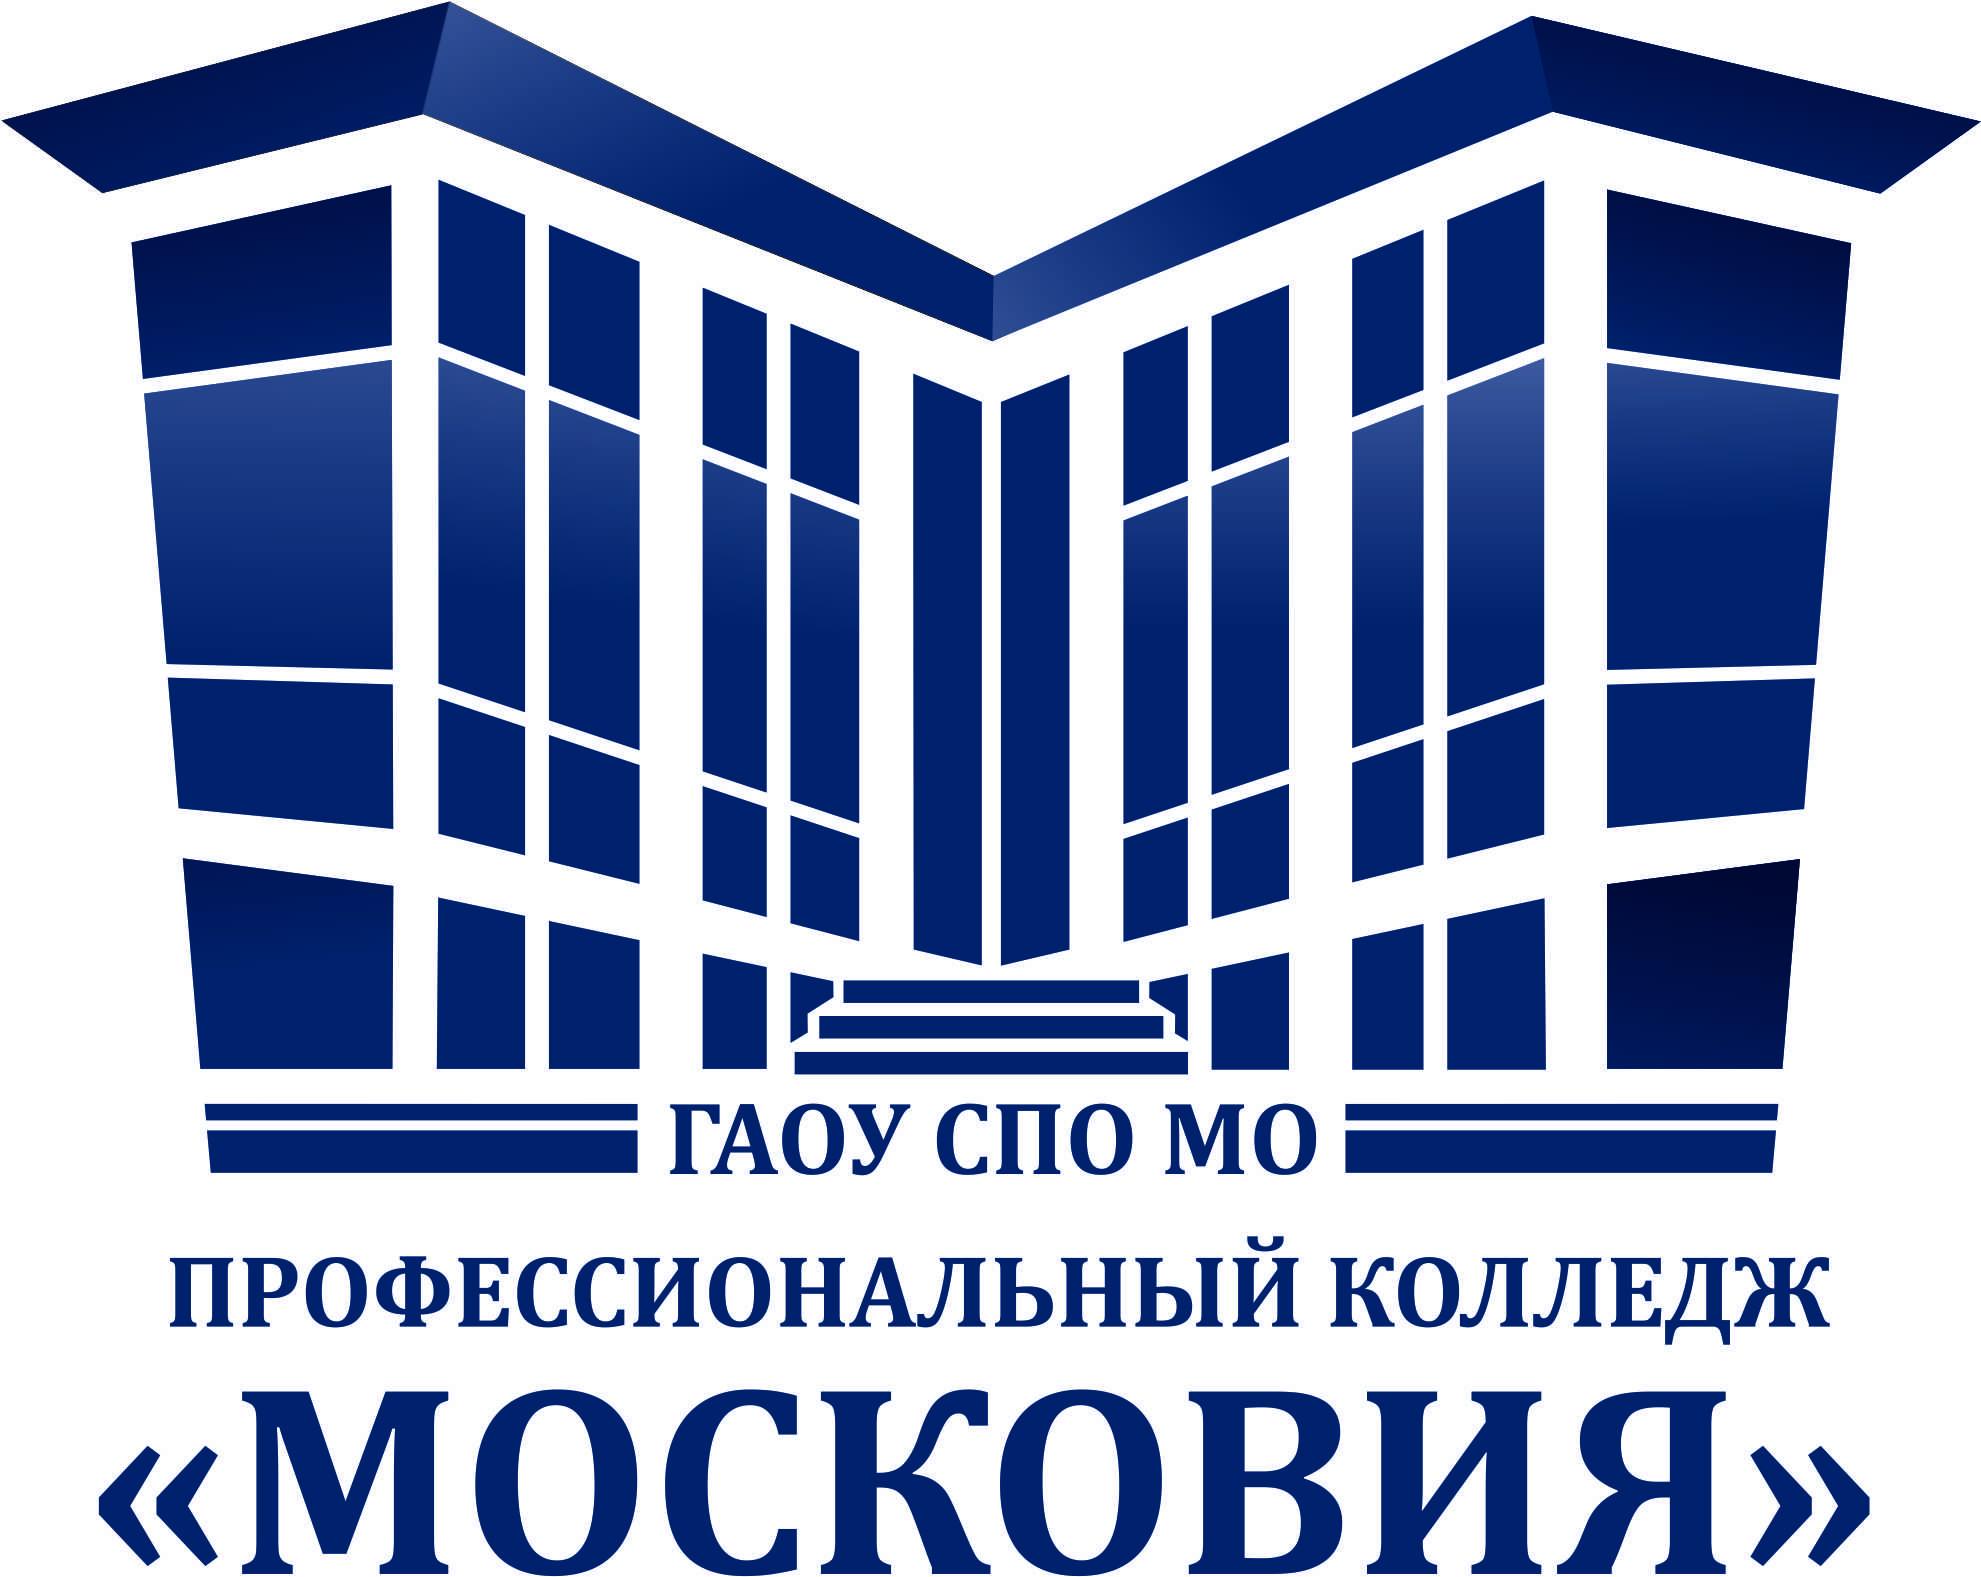 Описание: C:\Users\Леонид\Desktop\23\logo2.jpg